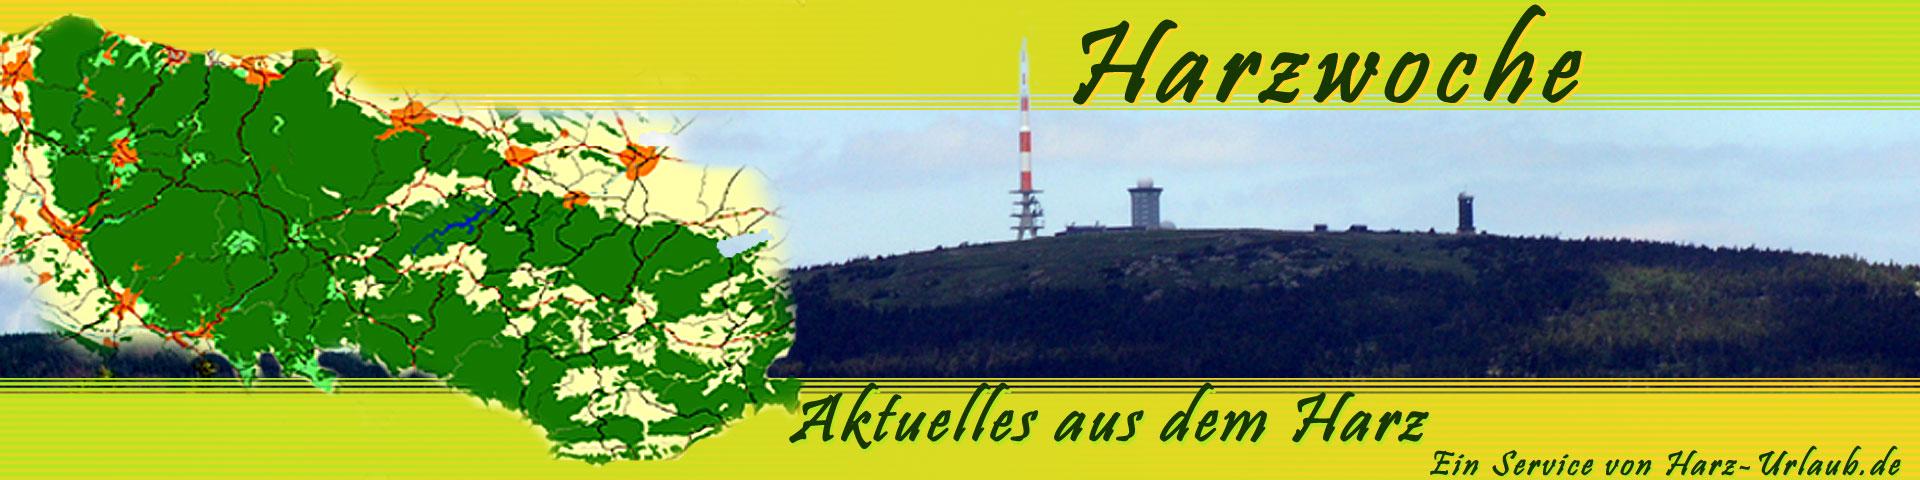 Harzwoche – Aktuelles aus dem Harz